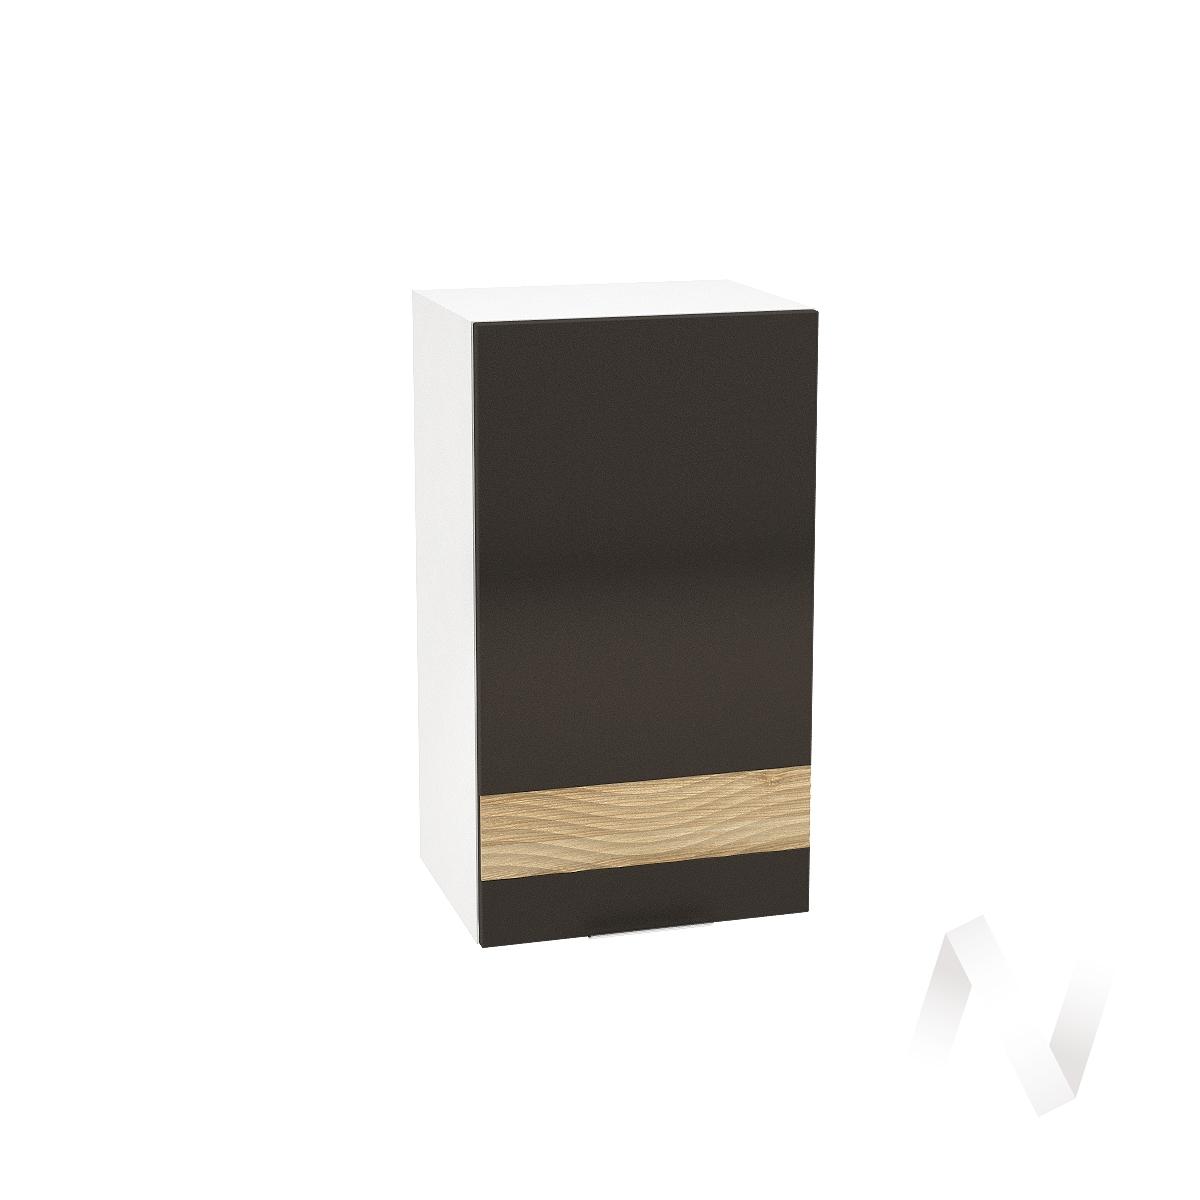 """Кухня """"Терра"""": Шкаф верхний левый 400, ШВ 400 (смоки софт/ель карпатская/корпус белый)"""